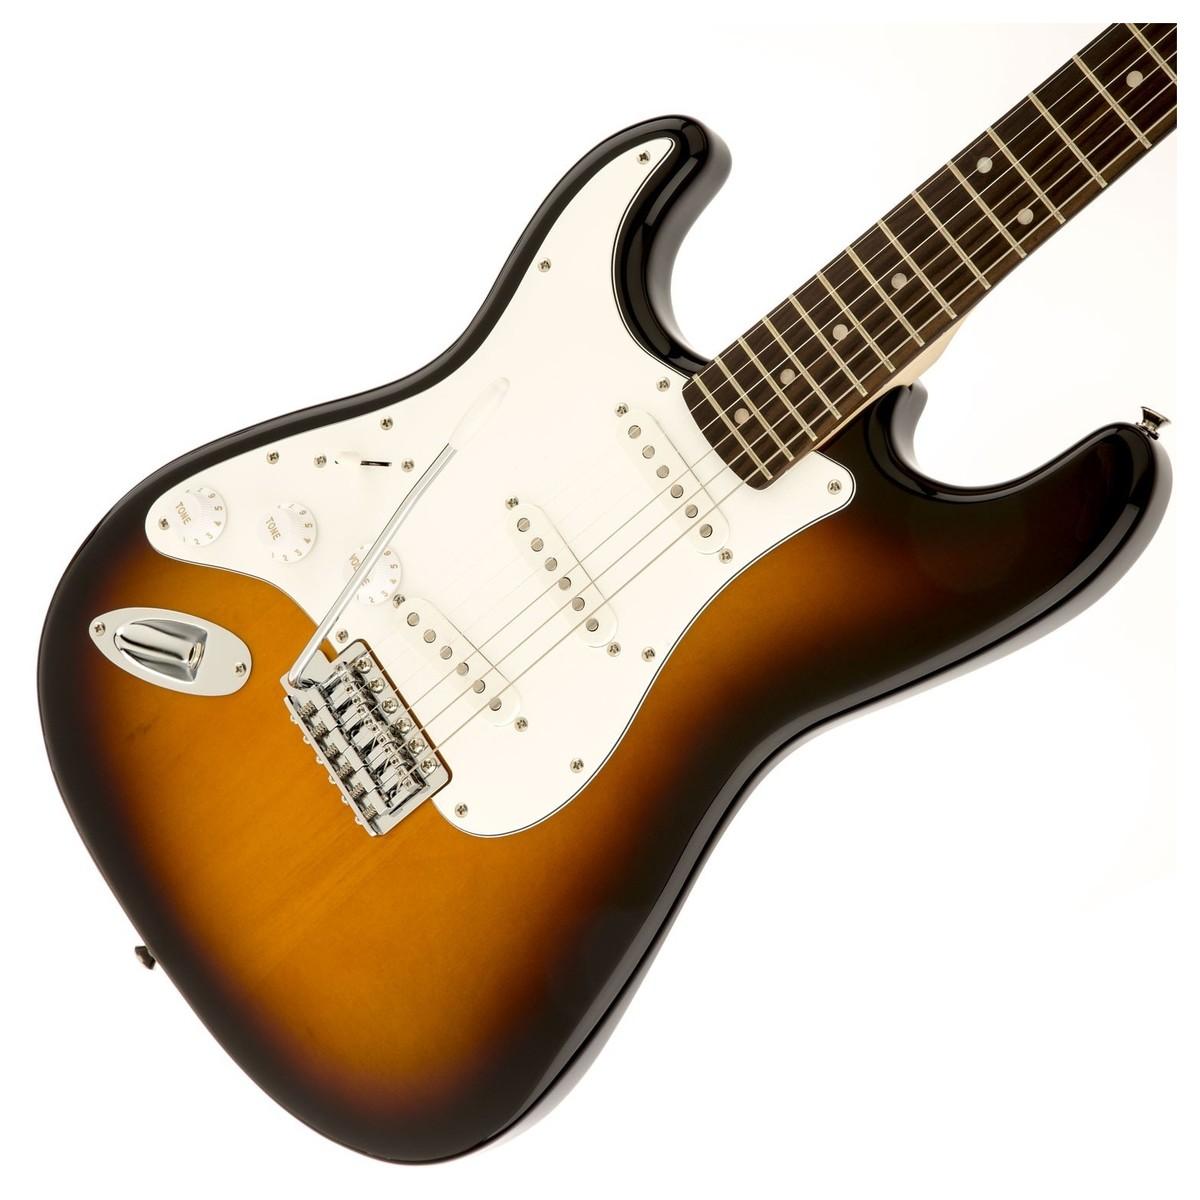 squier affinity stratocaster left handed brown sunburst at gear4music. Black Bedroom Furniture Sets. Home Design Ideas